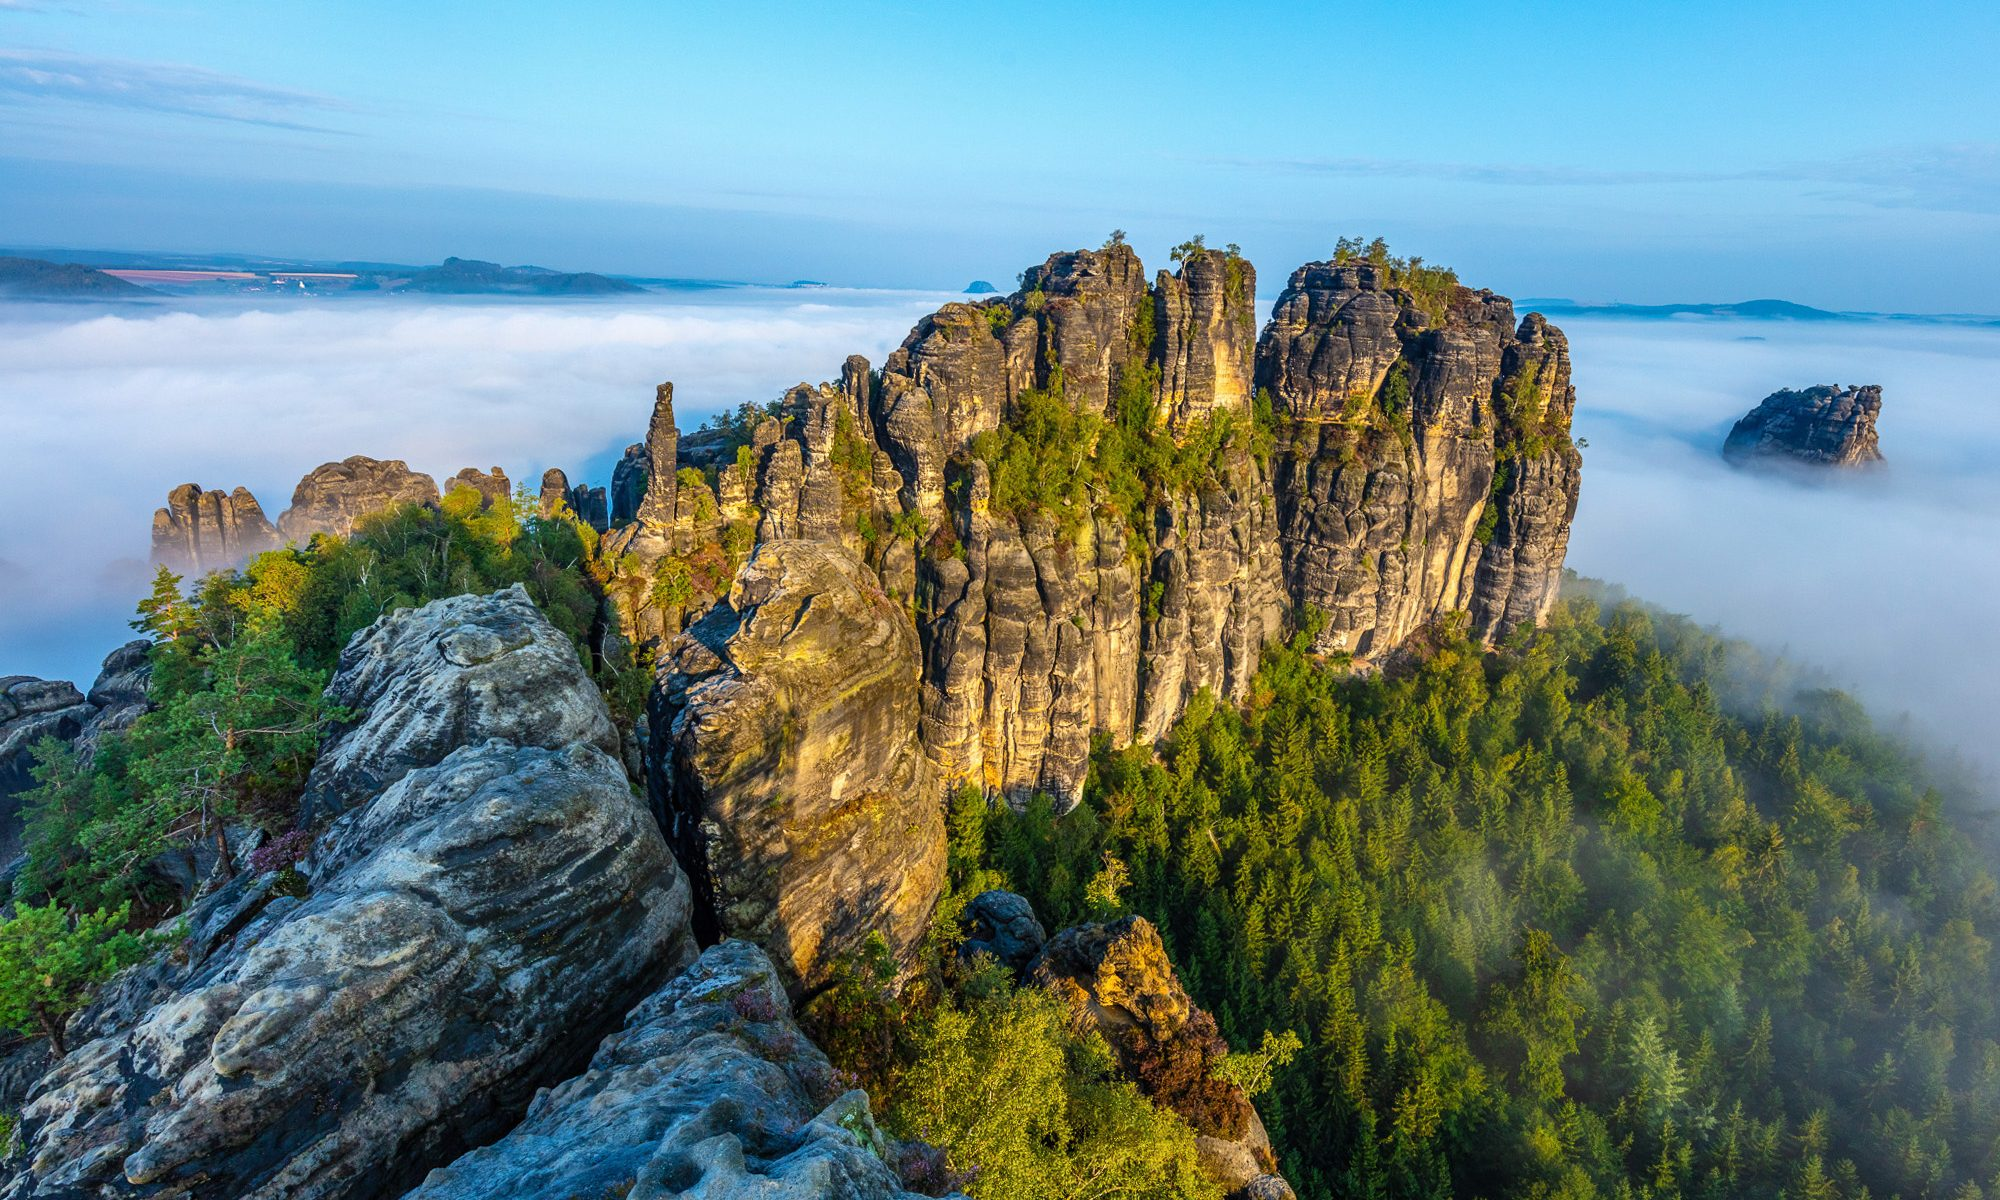 Sachsen. Nationalpark Saechsische Schweiz. Über dem Nebelmeer auf den Schrammsteinen